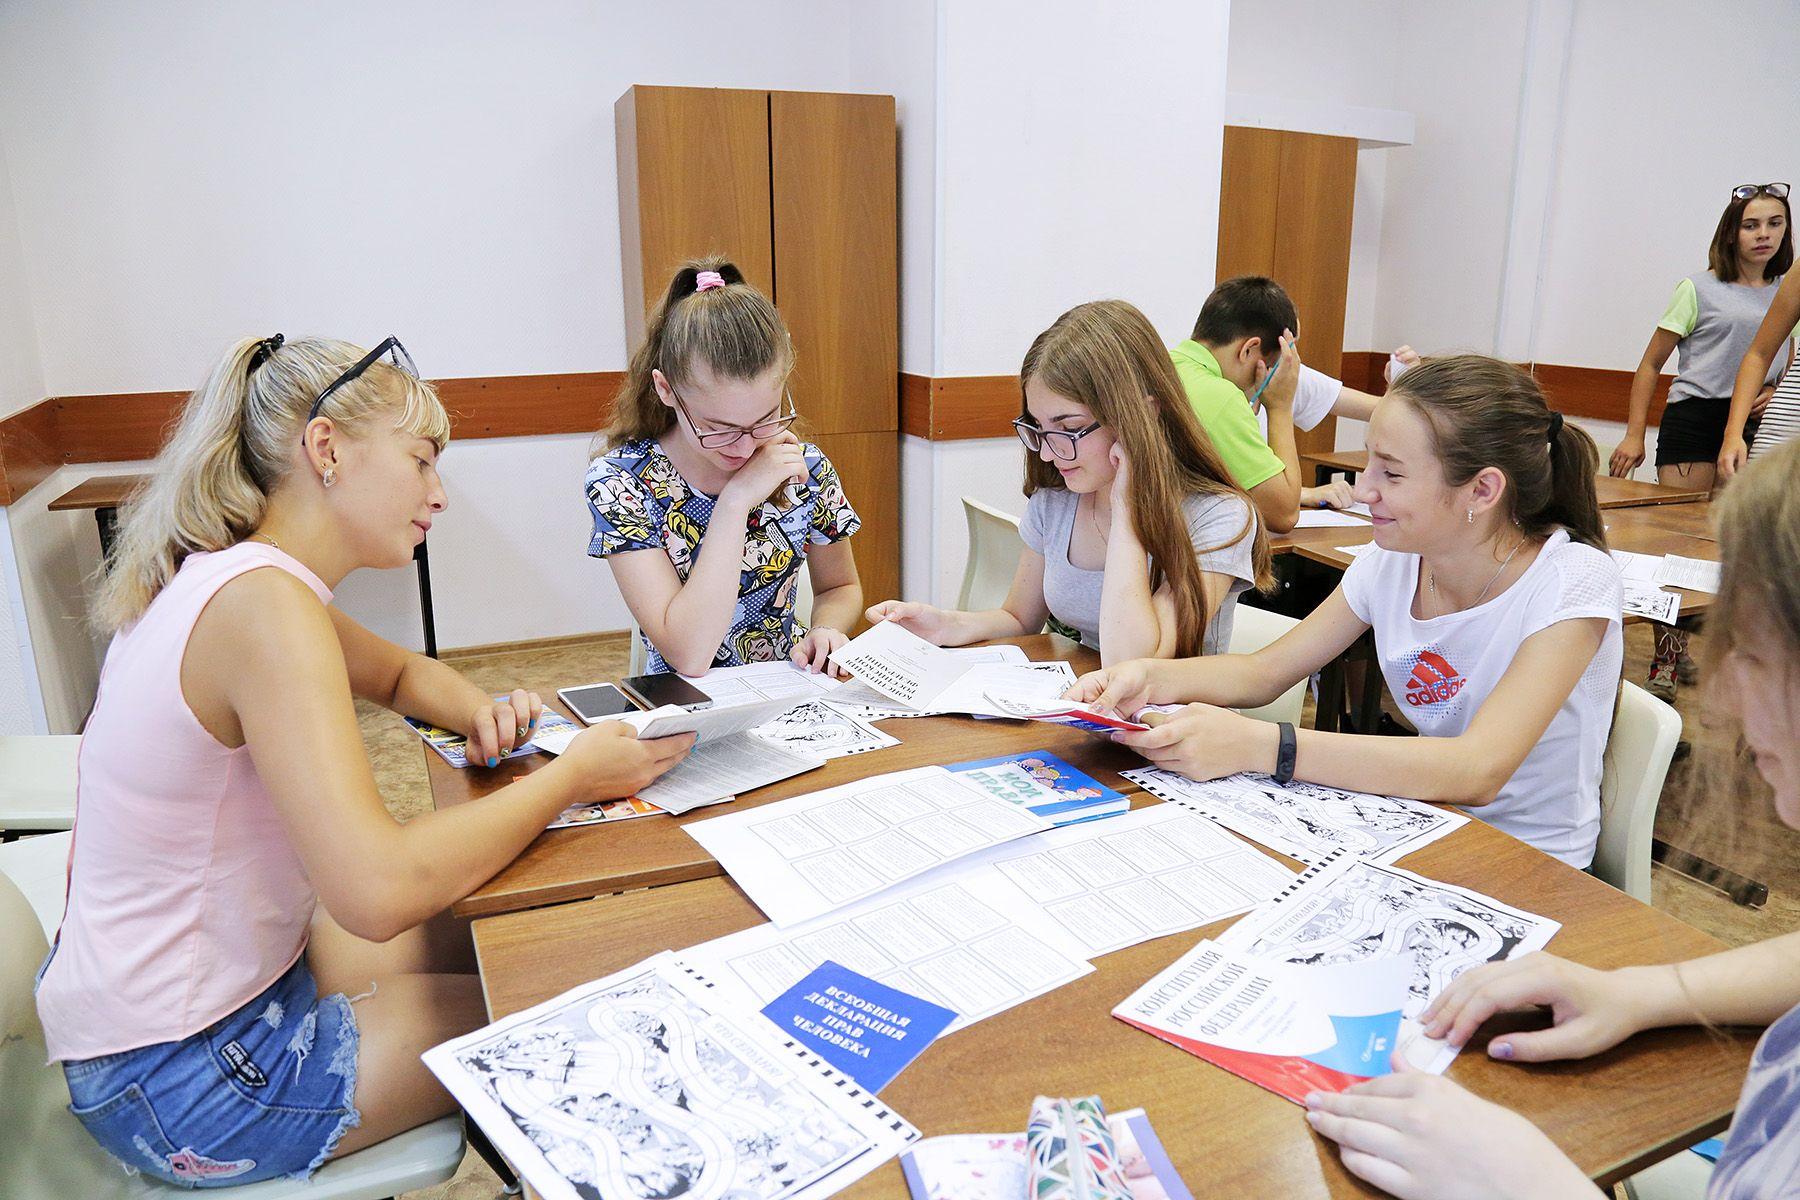 ВГУЭС выиграл открытый конкурс на реализацию комплексных многоуровневых программ обучения и развития одаренных школьников Приморского края